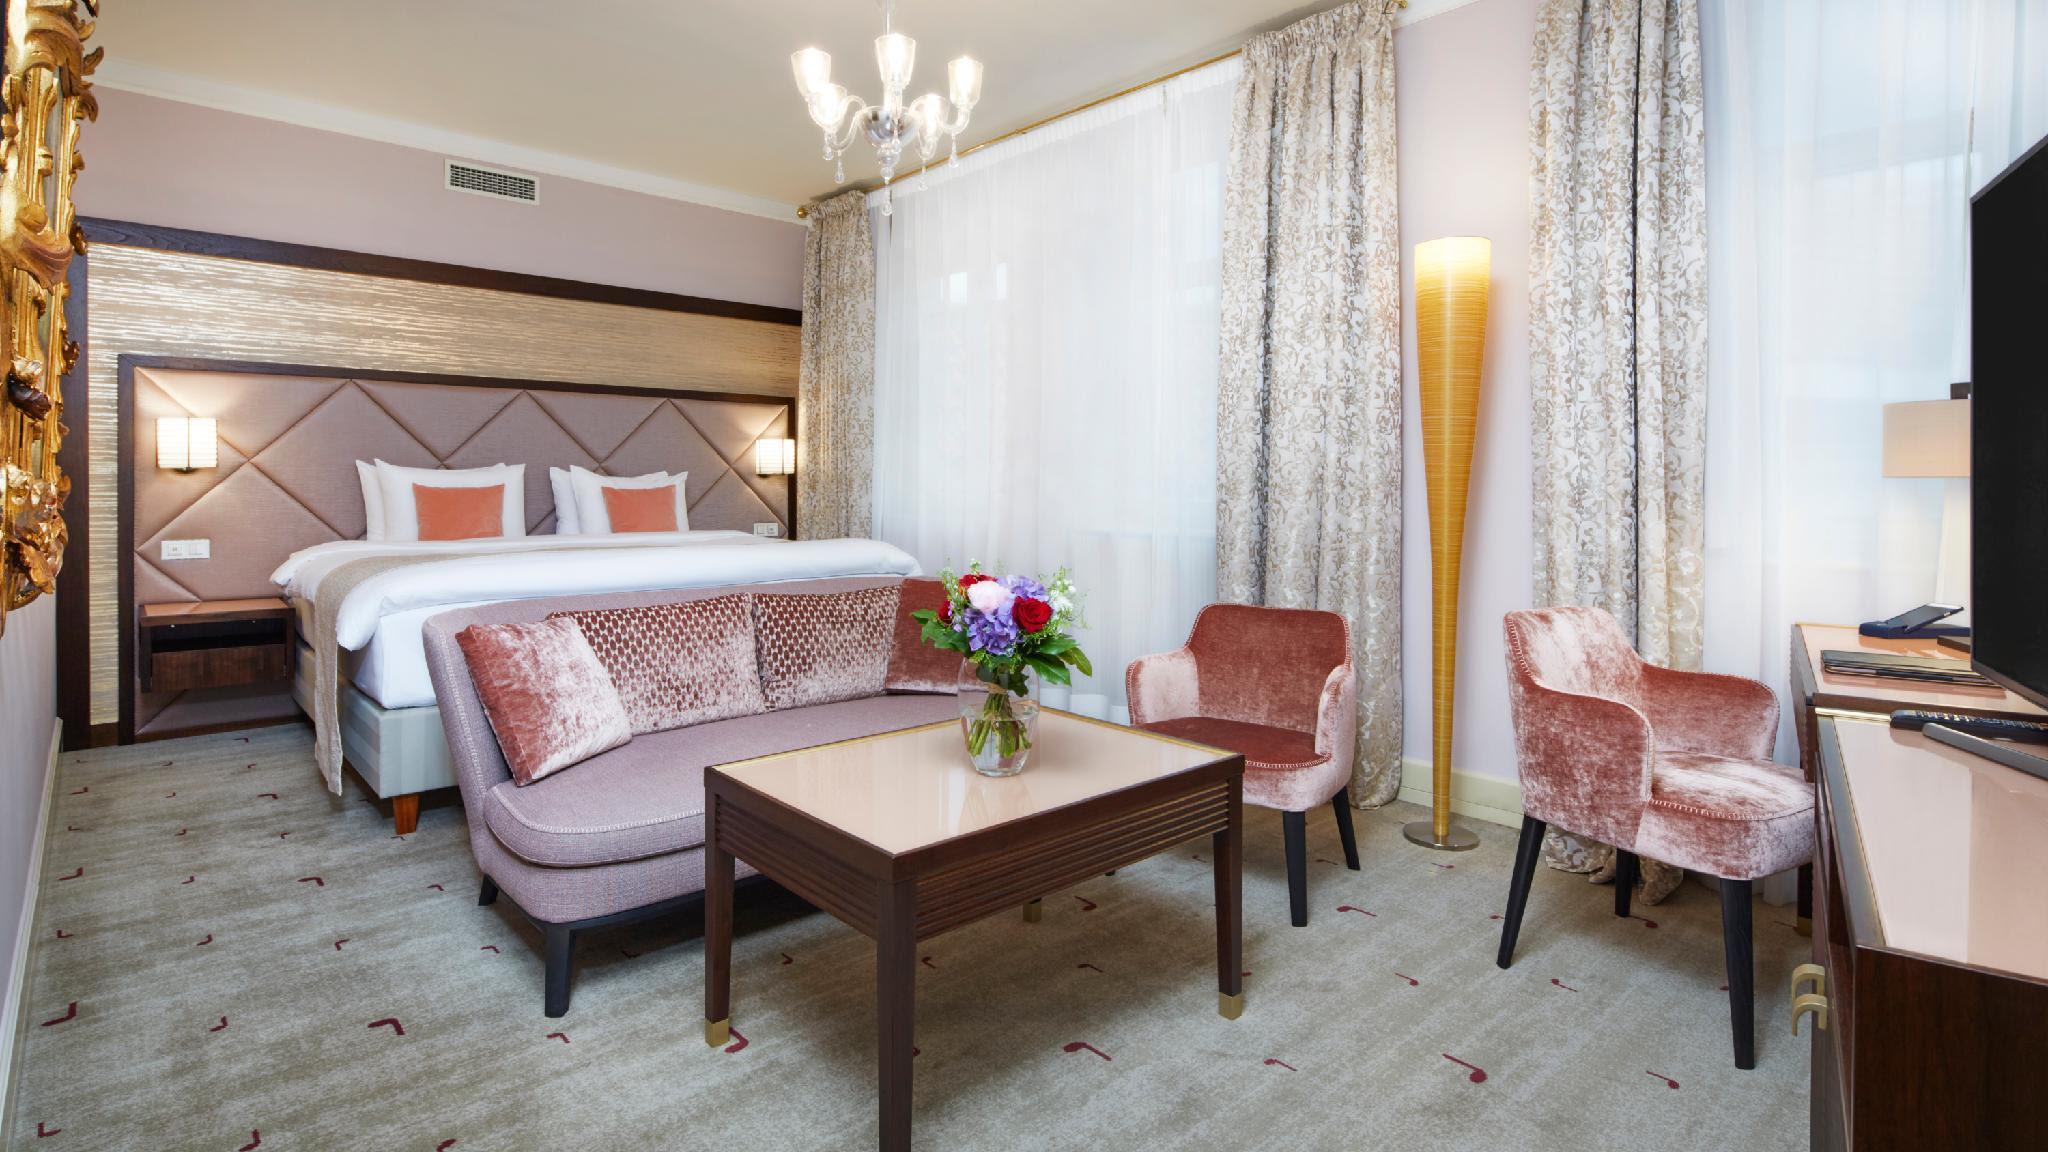 Aria Hotel Reviews